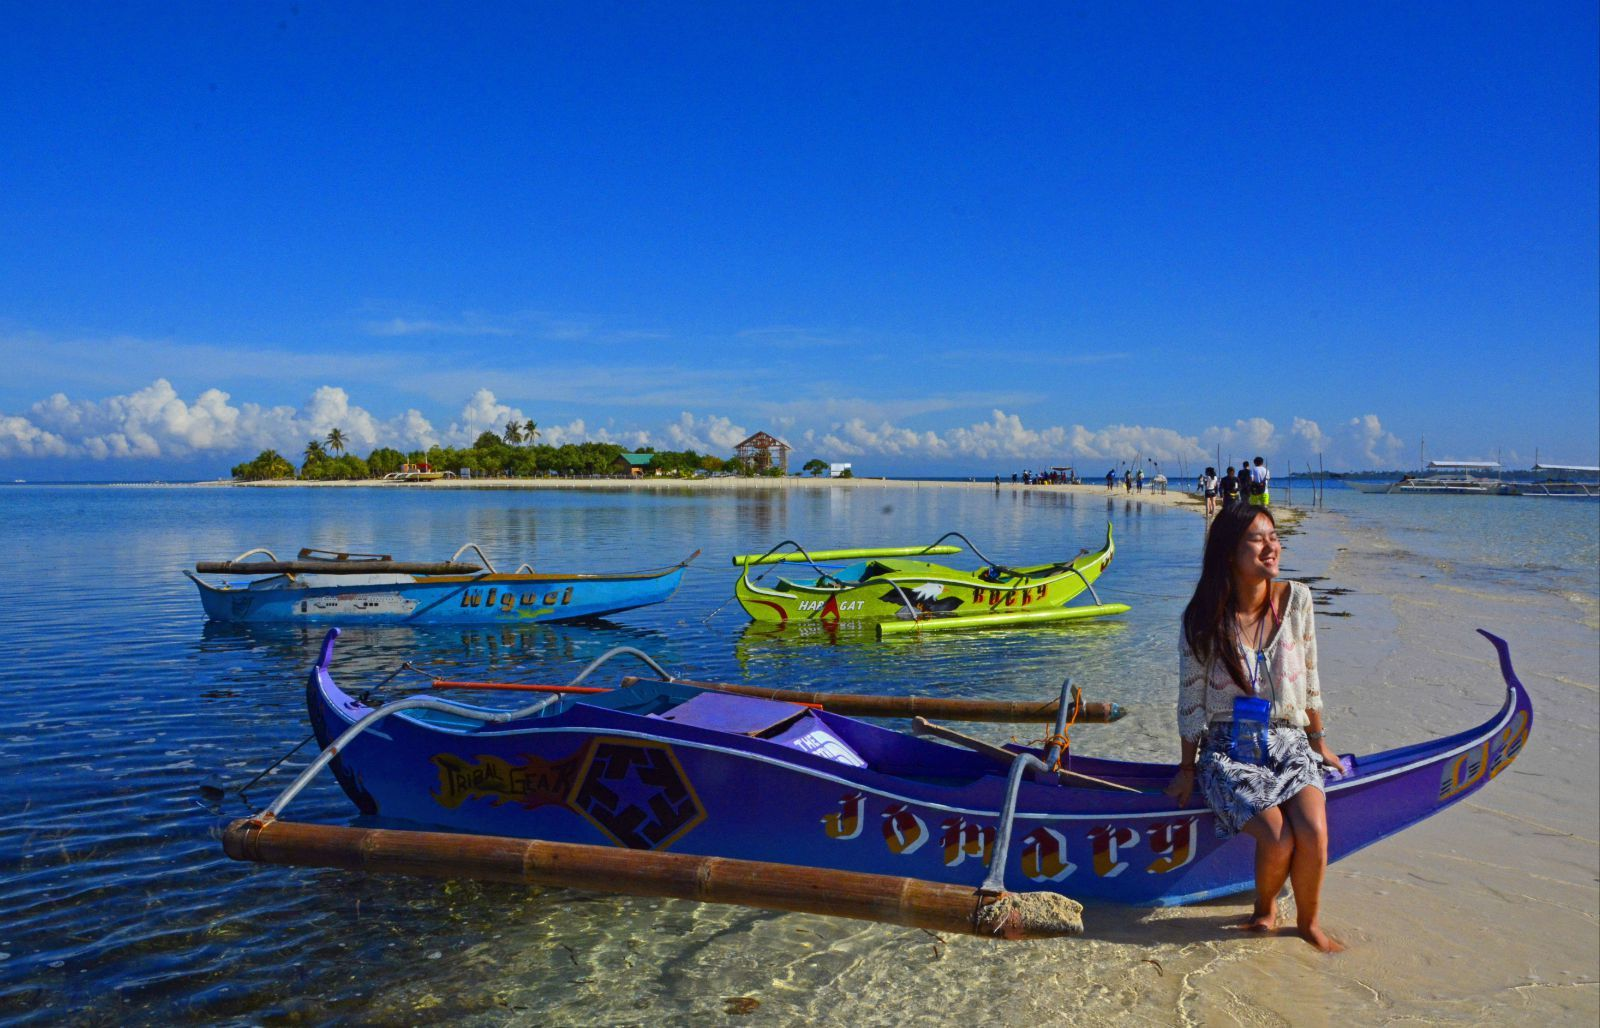 菲律宾薄荷岛上有一个美丽的无人小岛——处女岛